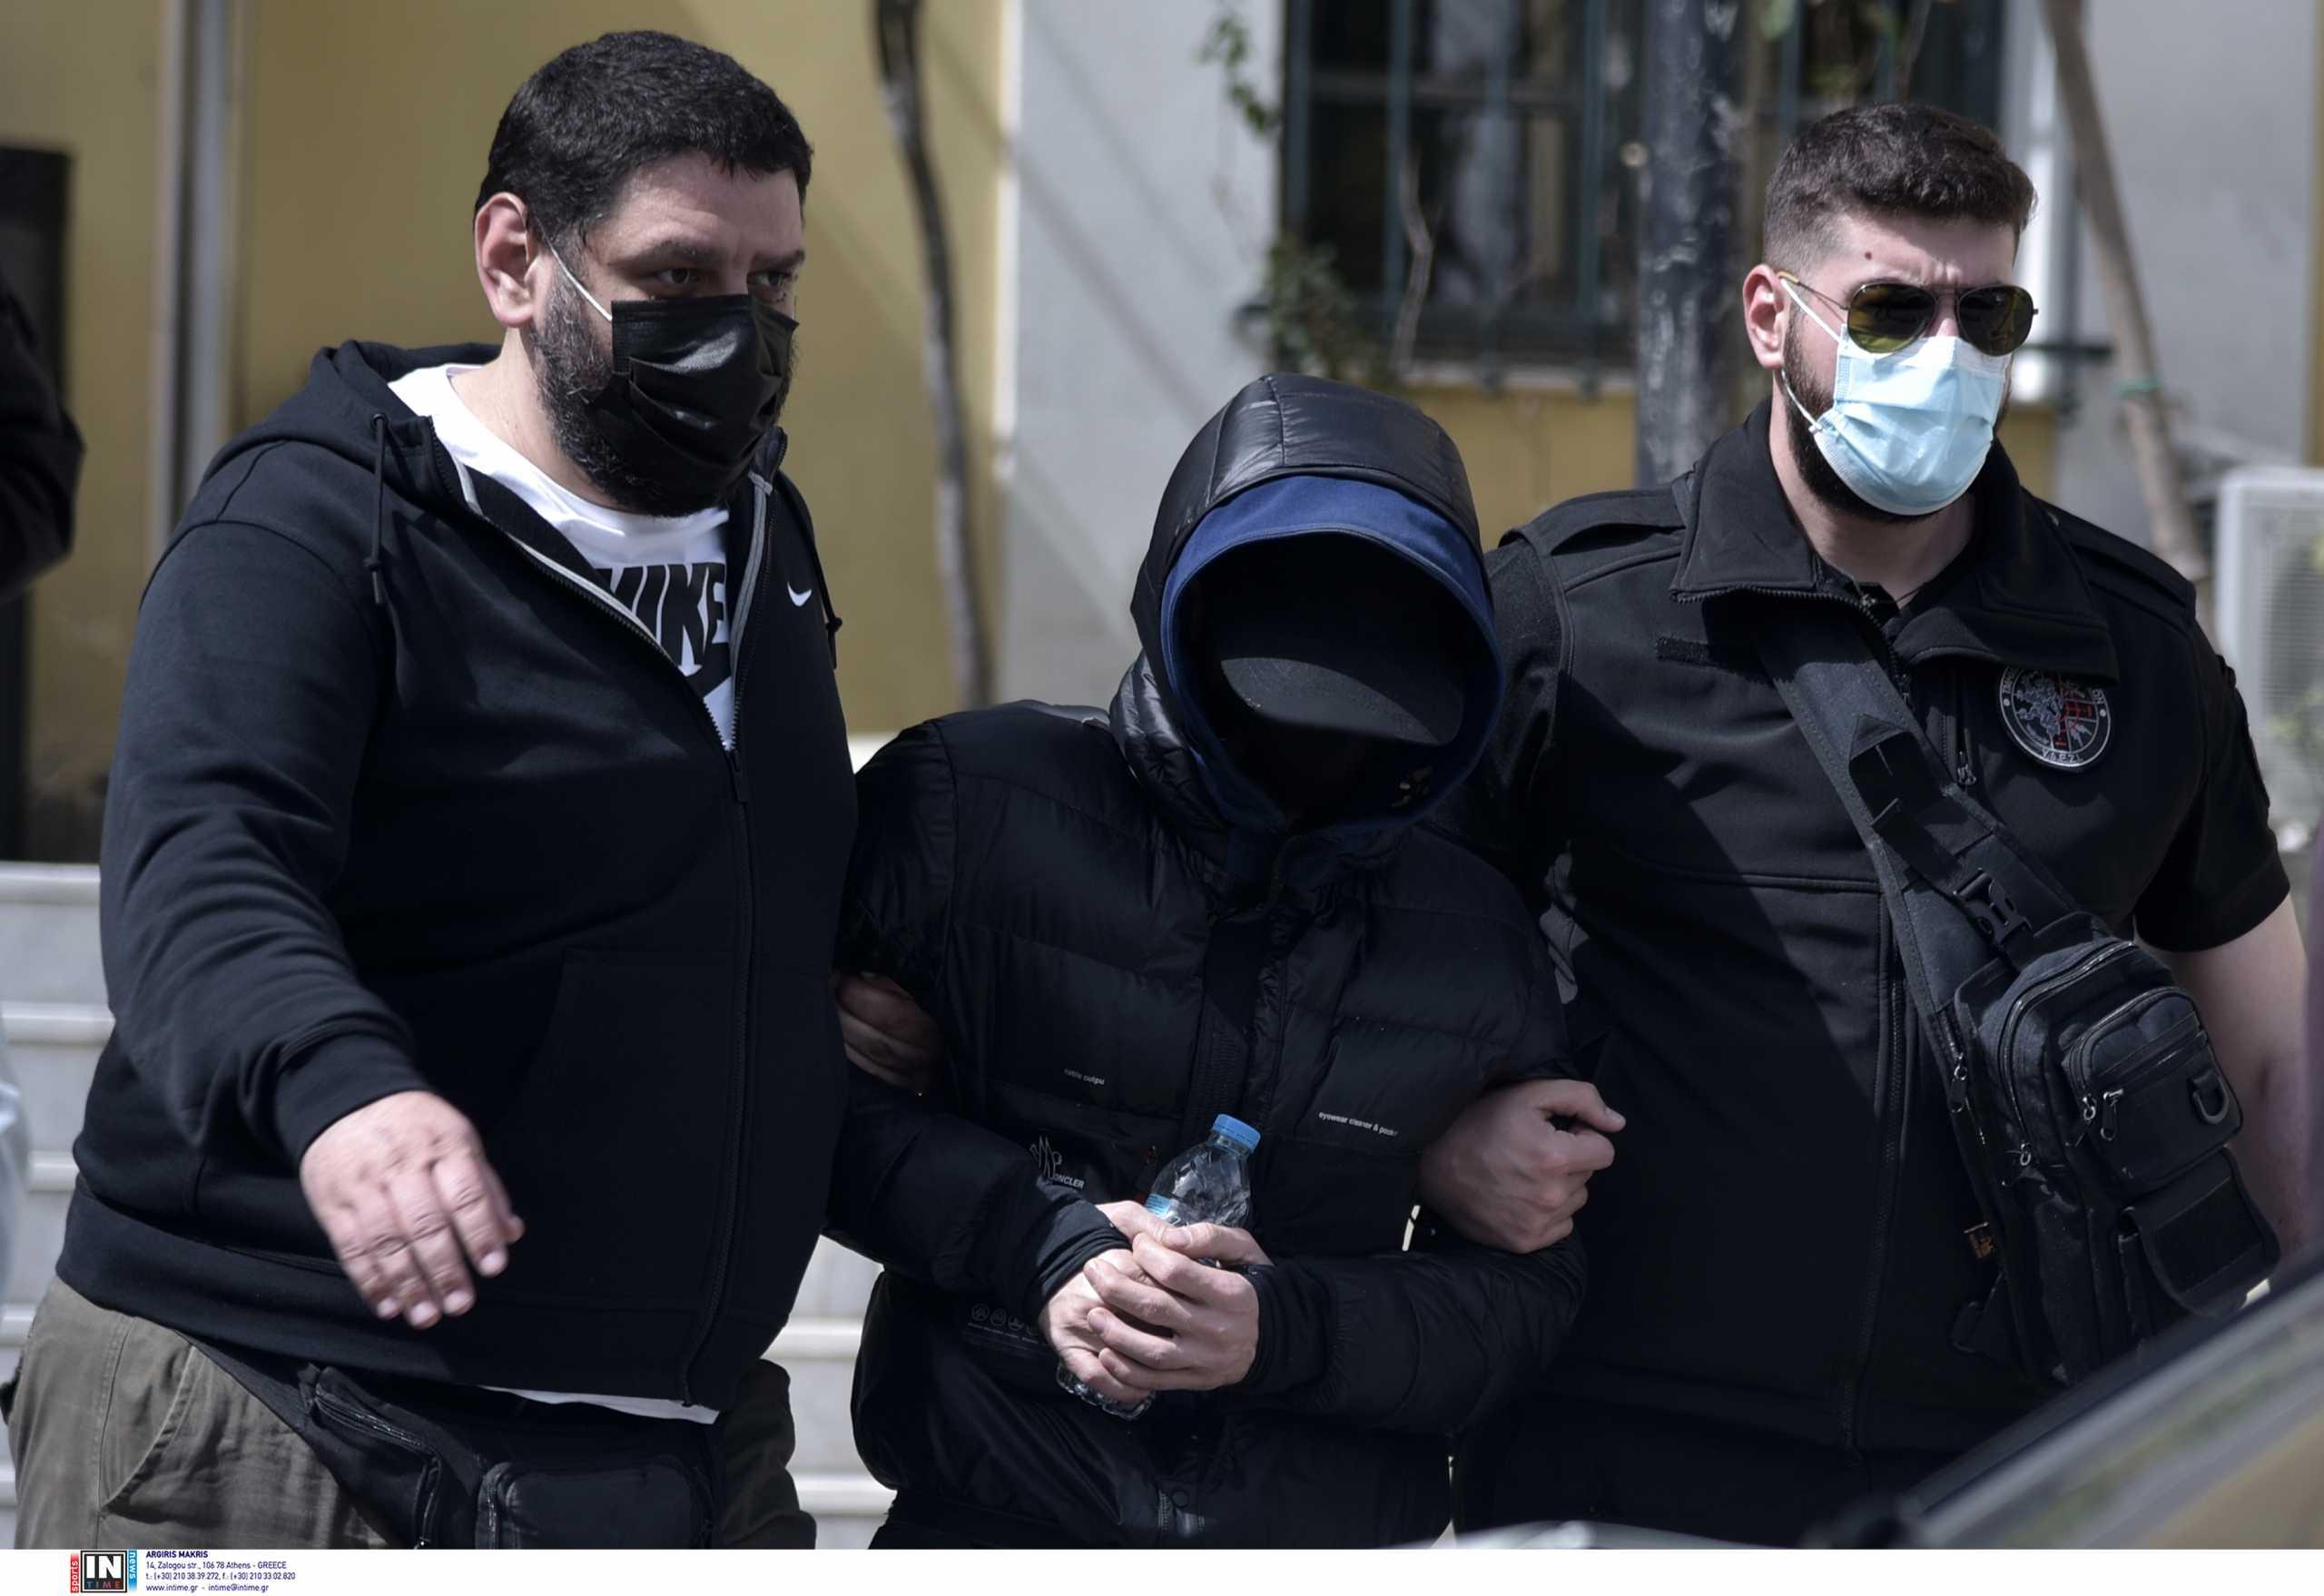 Μένιος Φουρθιώτης: Του απαγγέλθηκαν βαριές κατηγορίες από τον εισαγγελέα